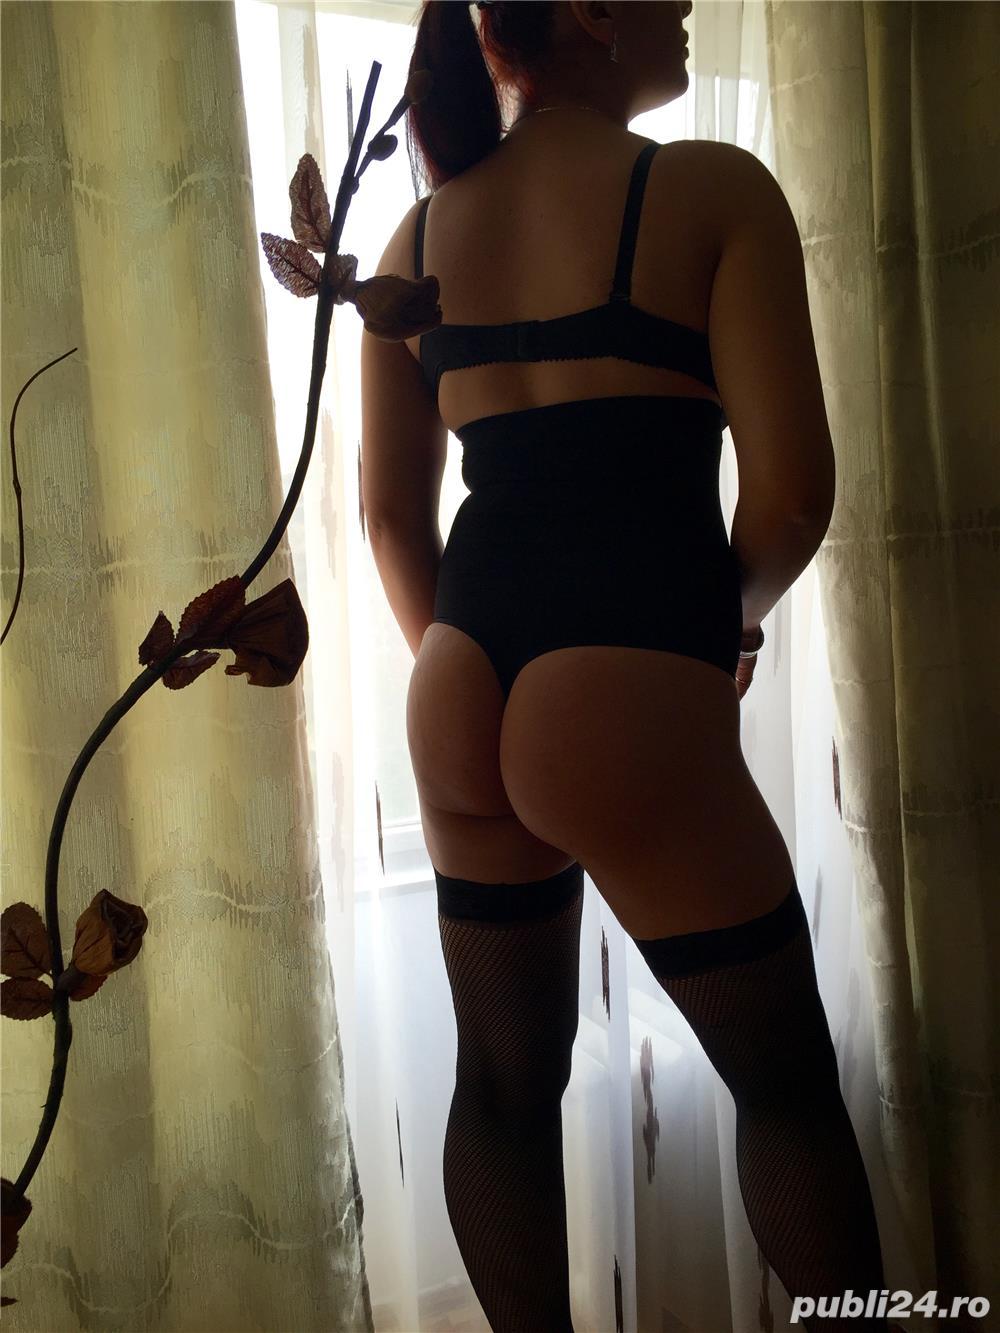 ofer sex total de calitate garantat